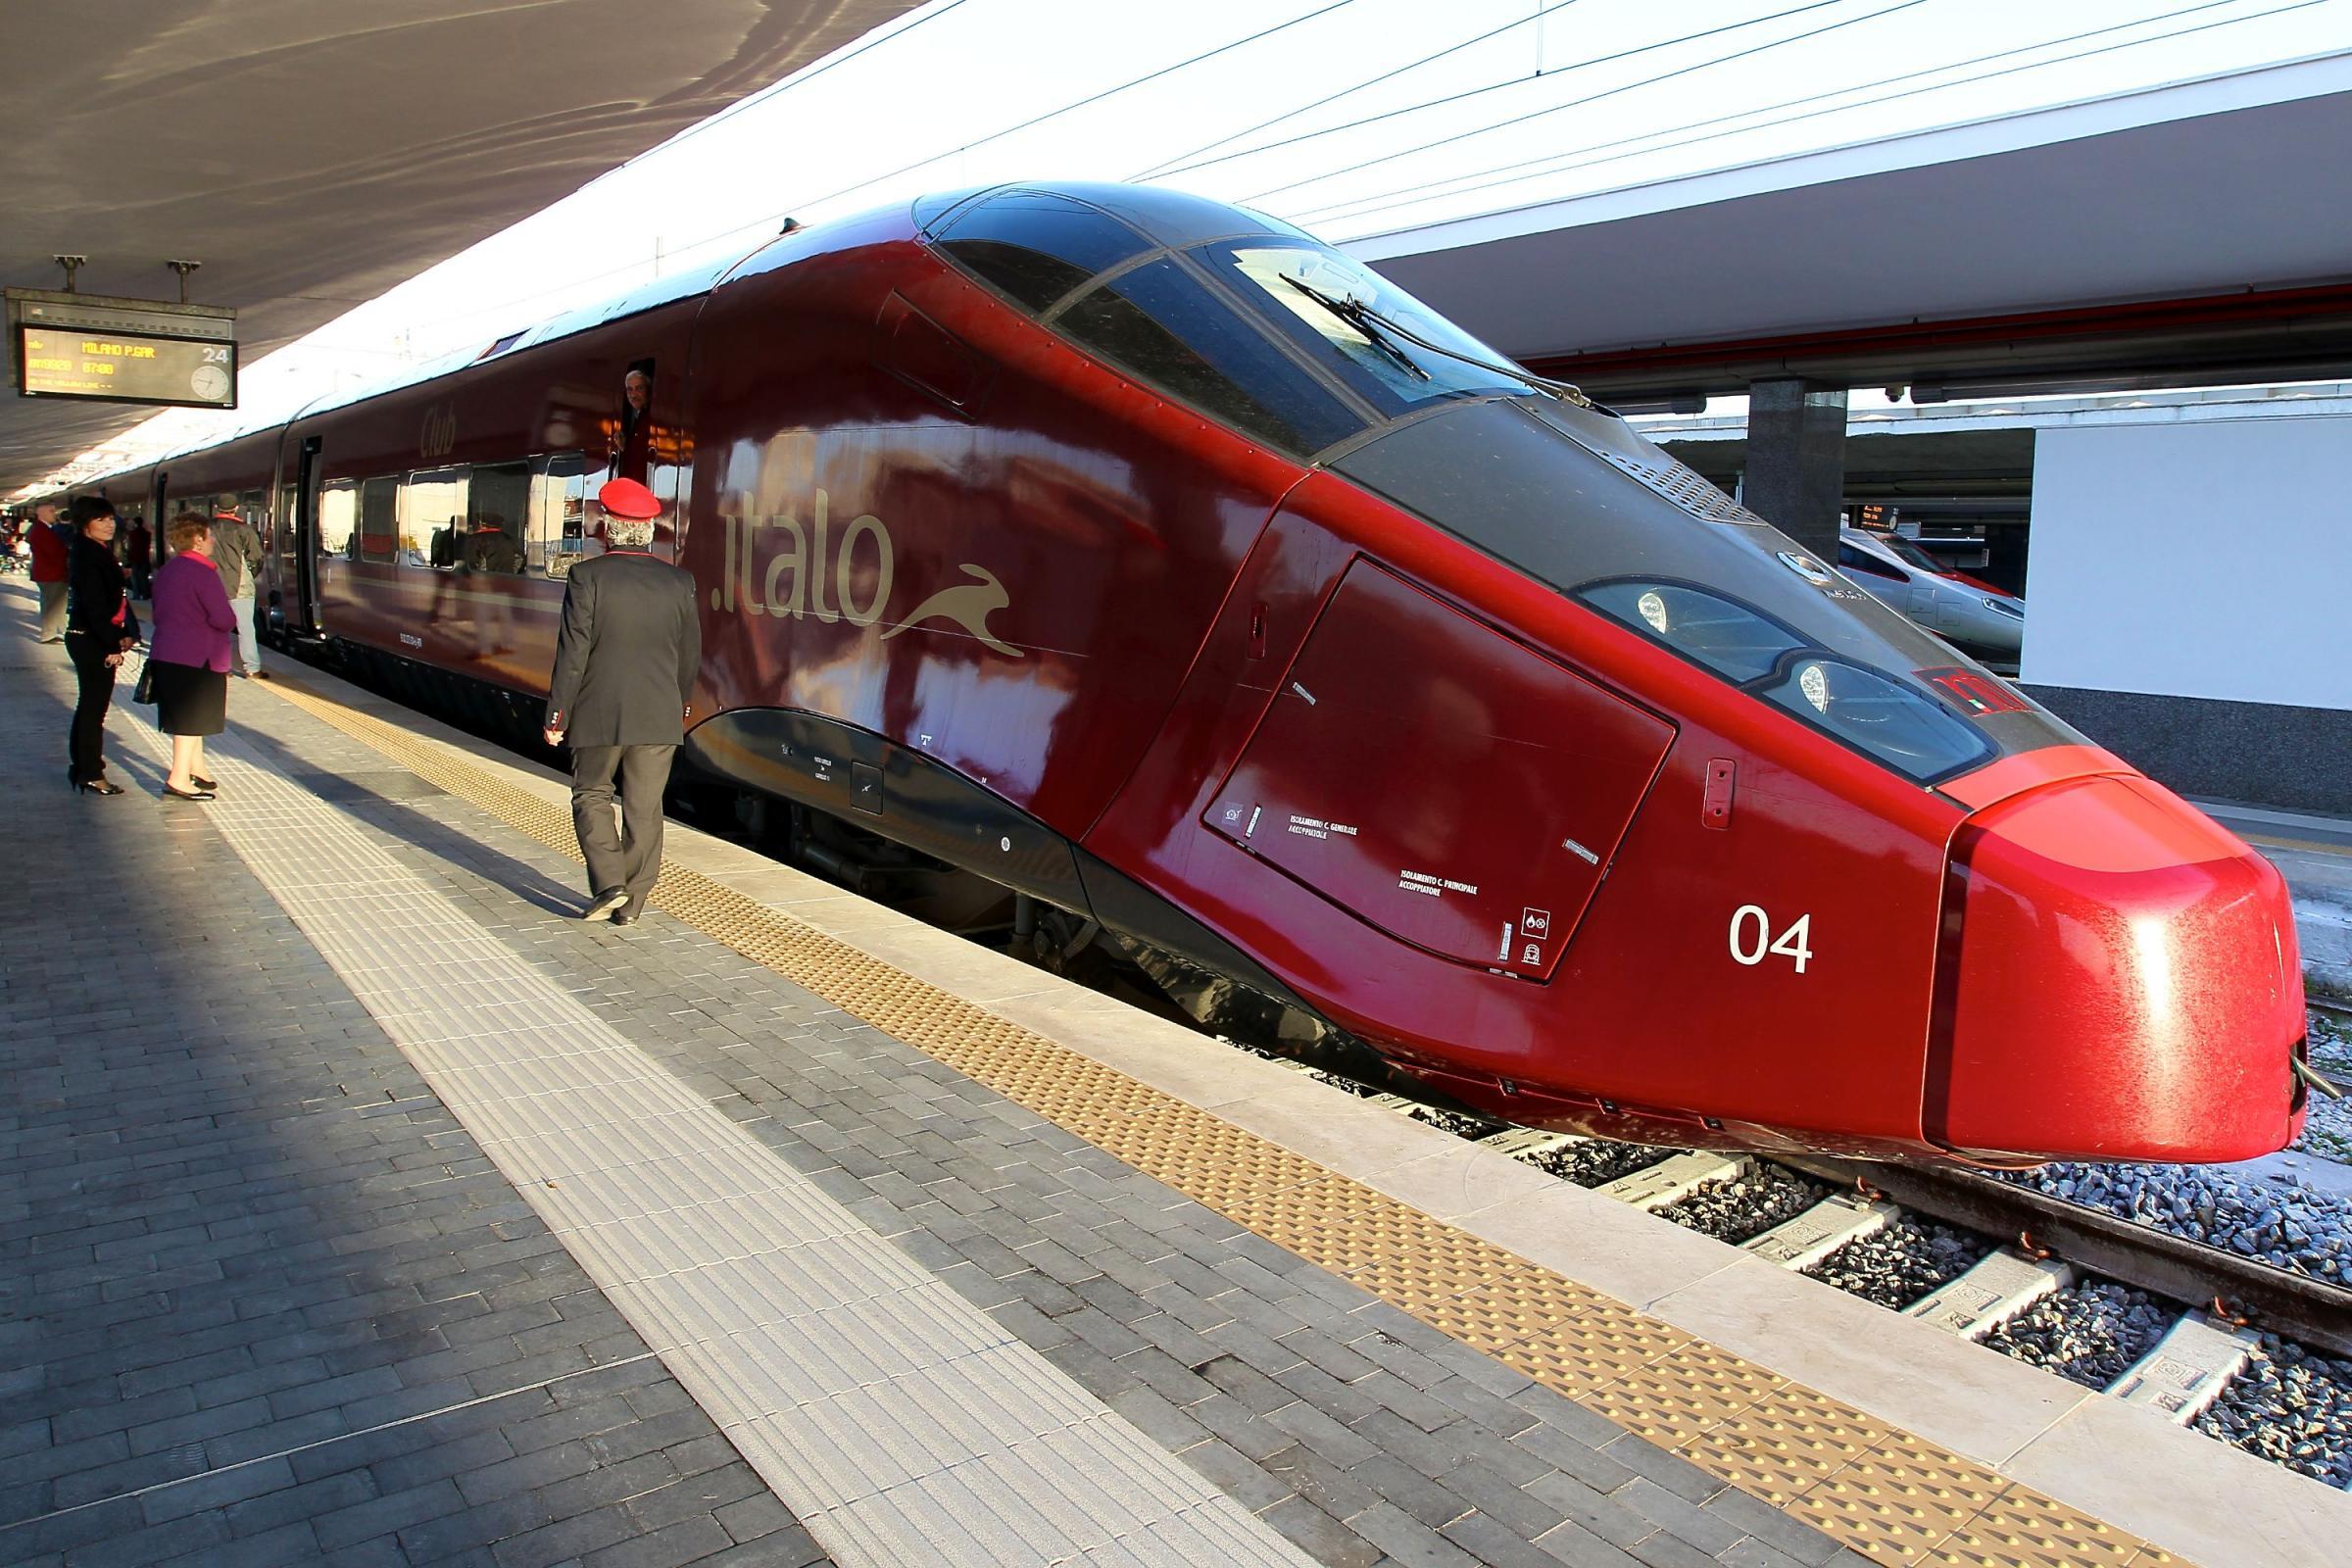 Treni italo ecco nuovi prezzi e orari - Orari treni milano torino porta nuova ...